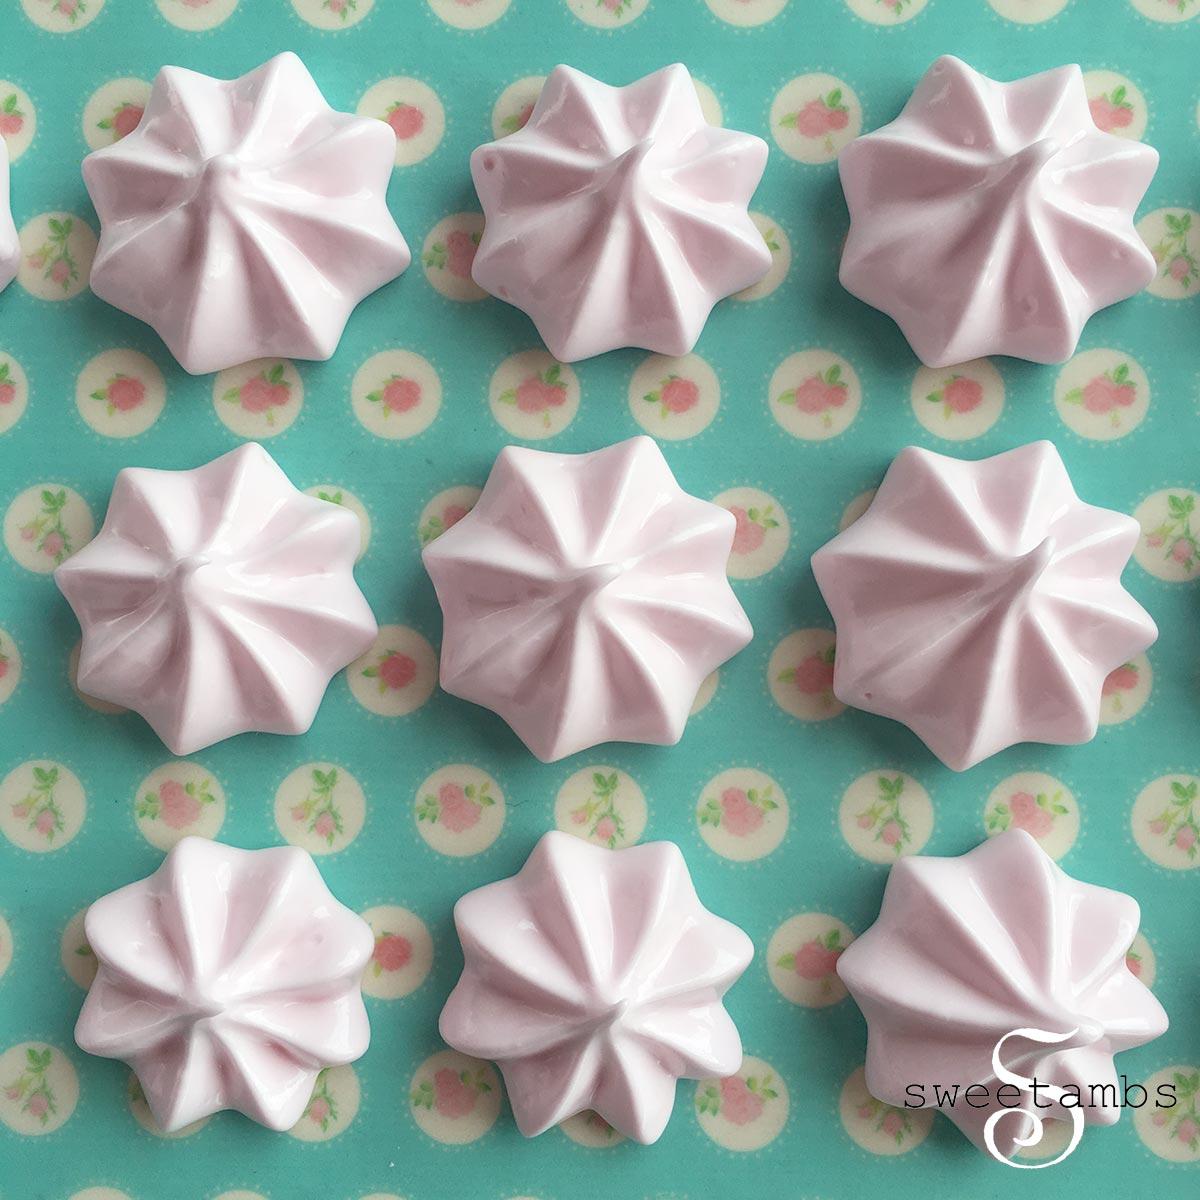 Sugar-Stamps3